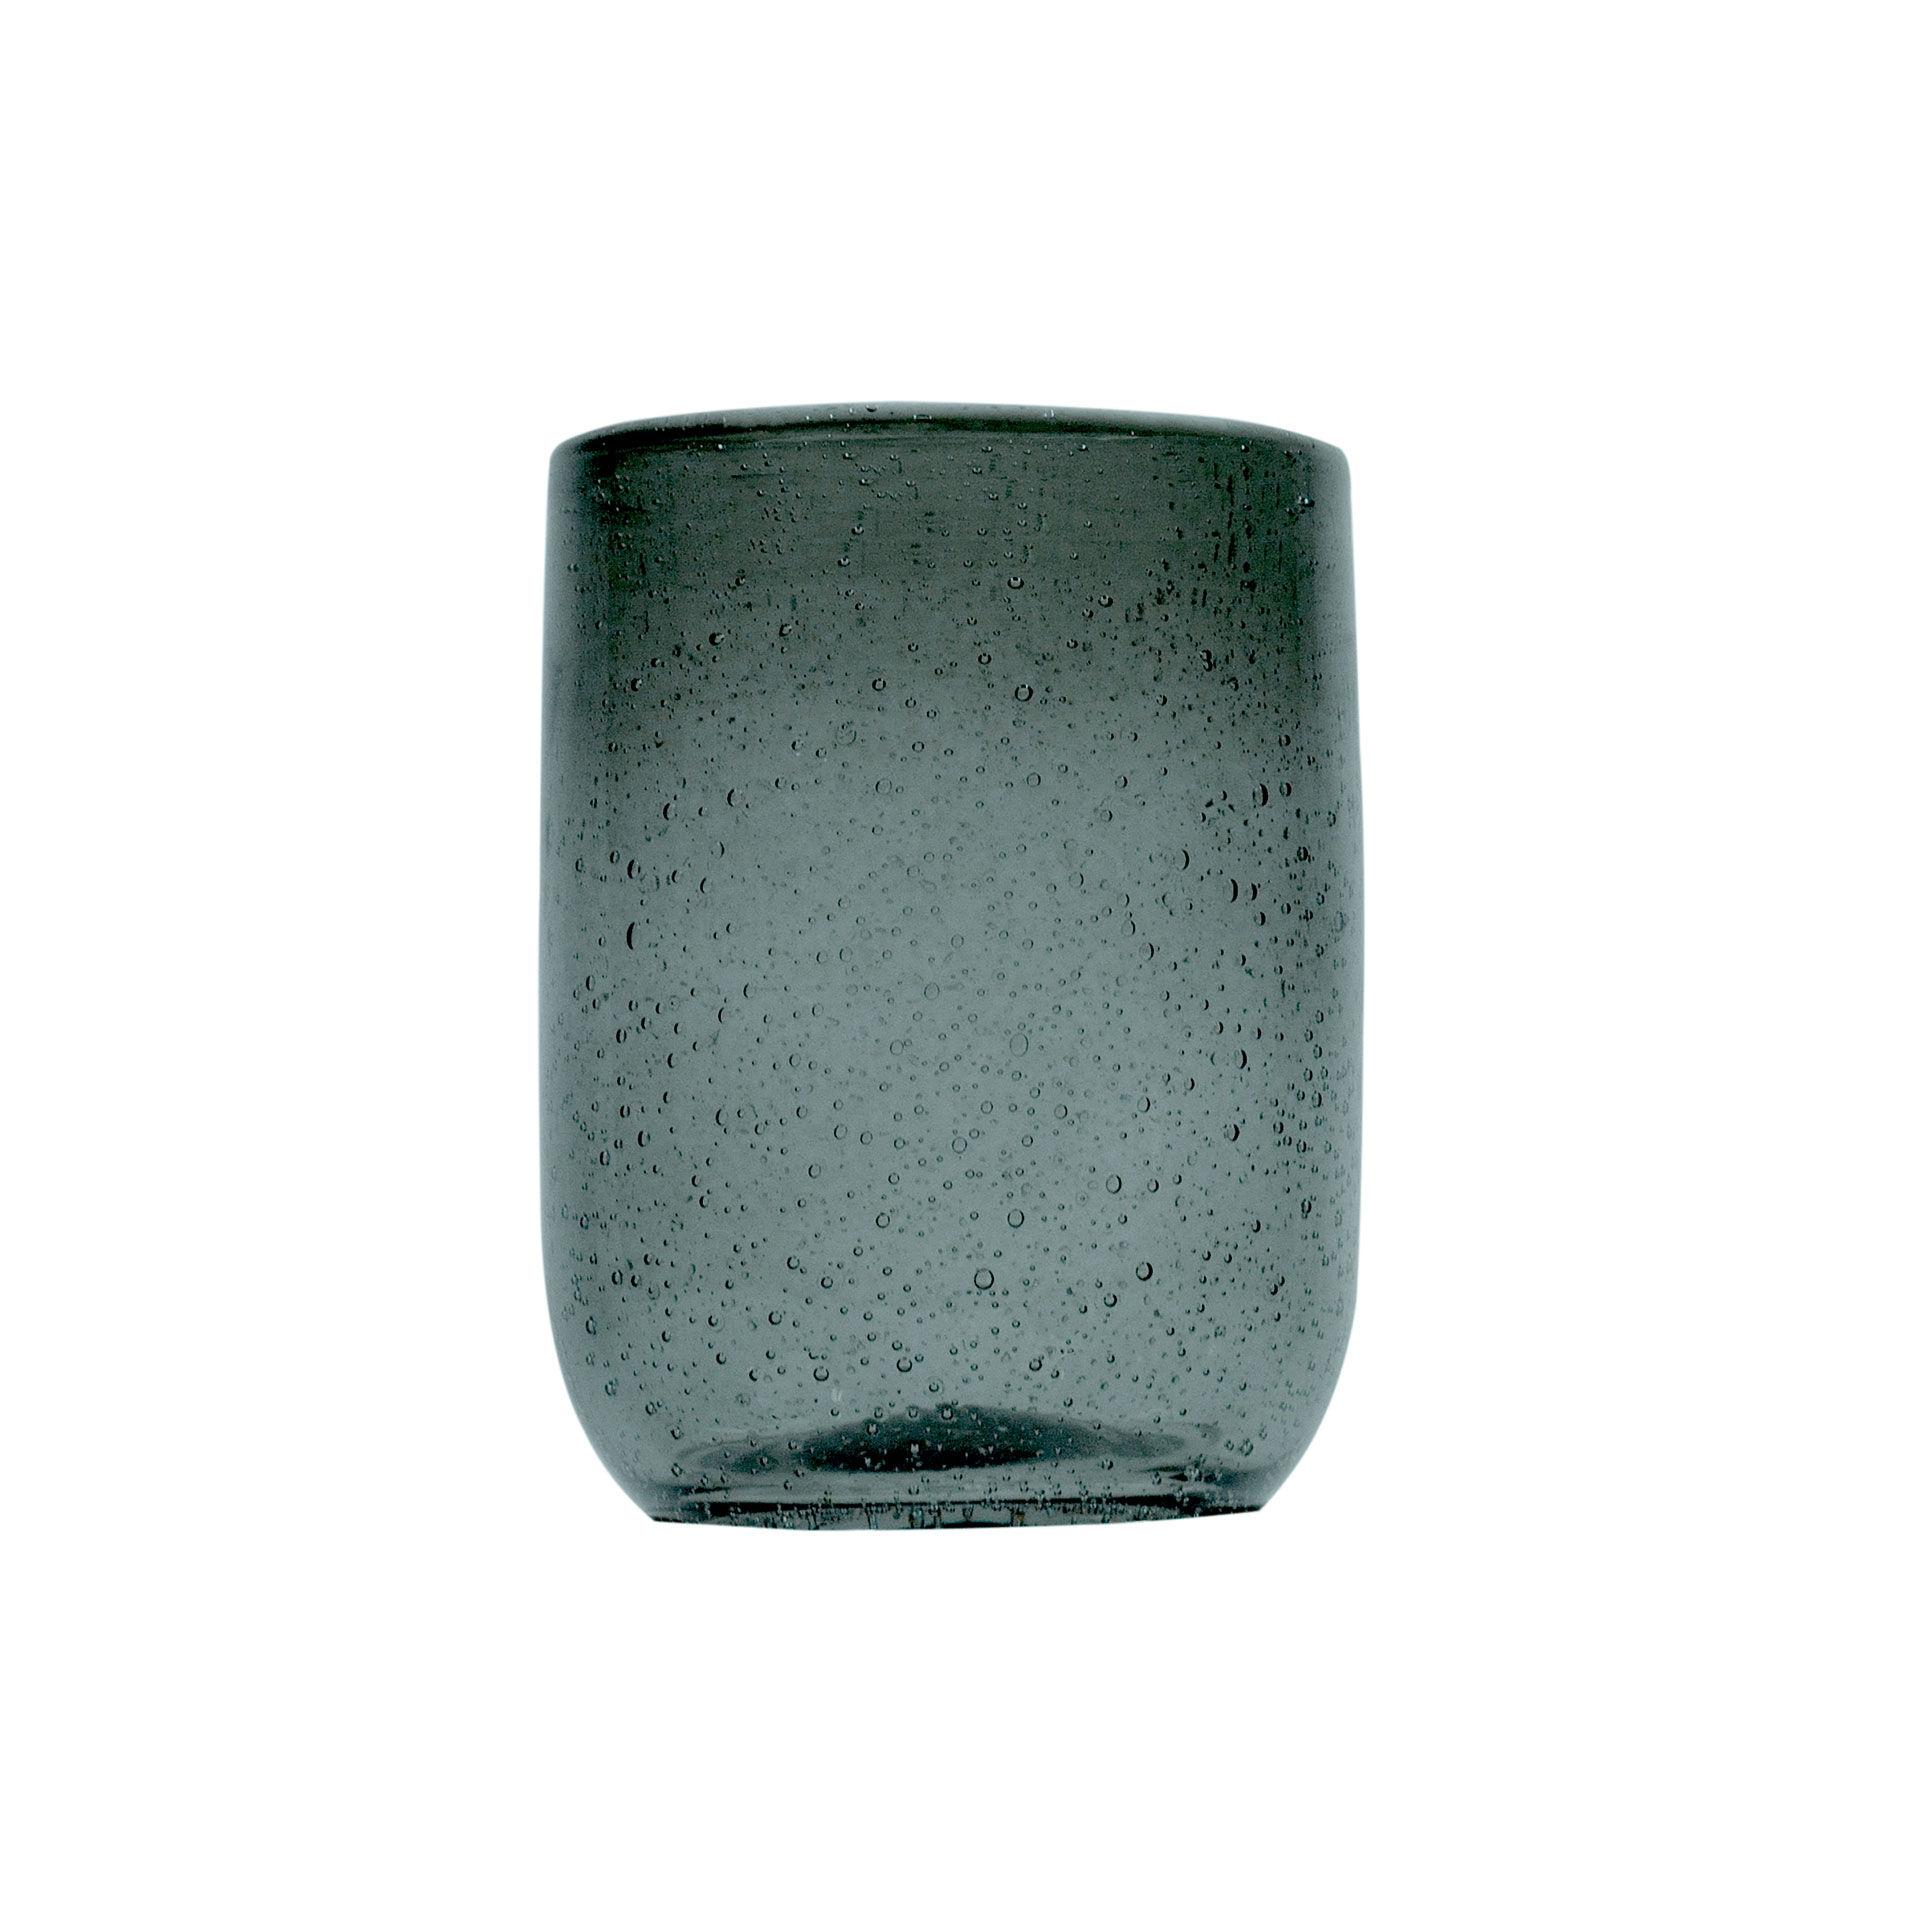 Sibo Homeconcept Gobelet en verre bullé ambre gris 28 cl - Lot de 6